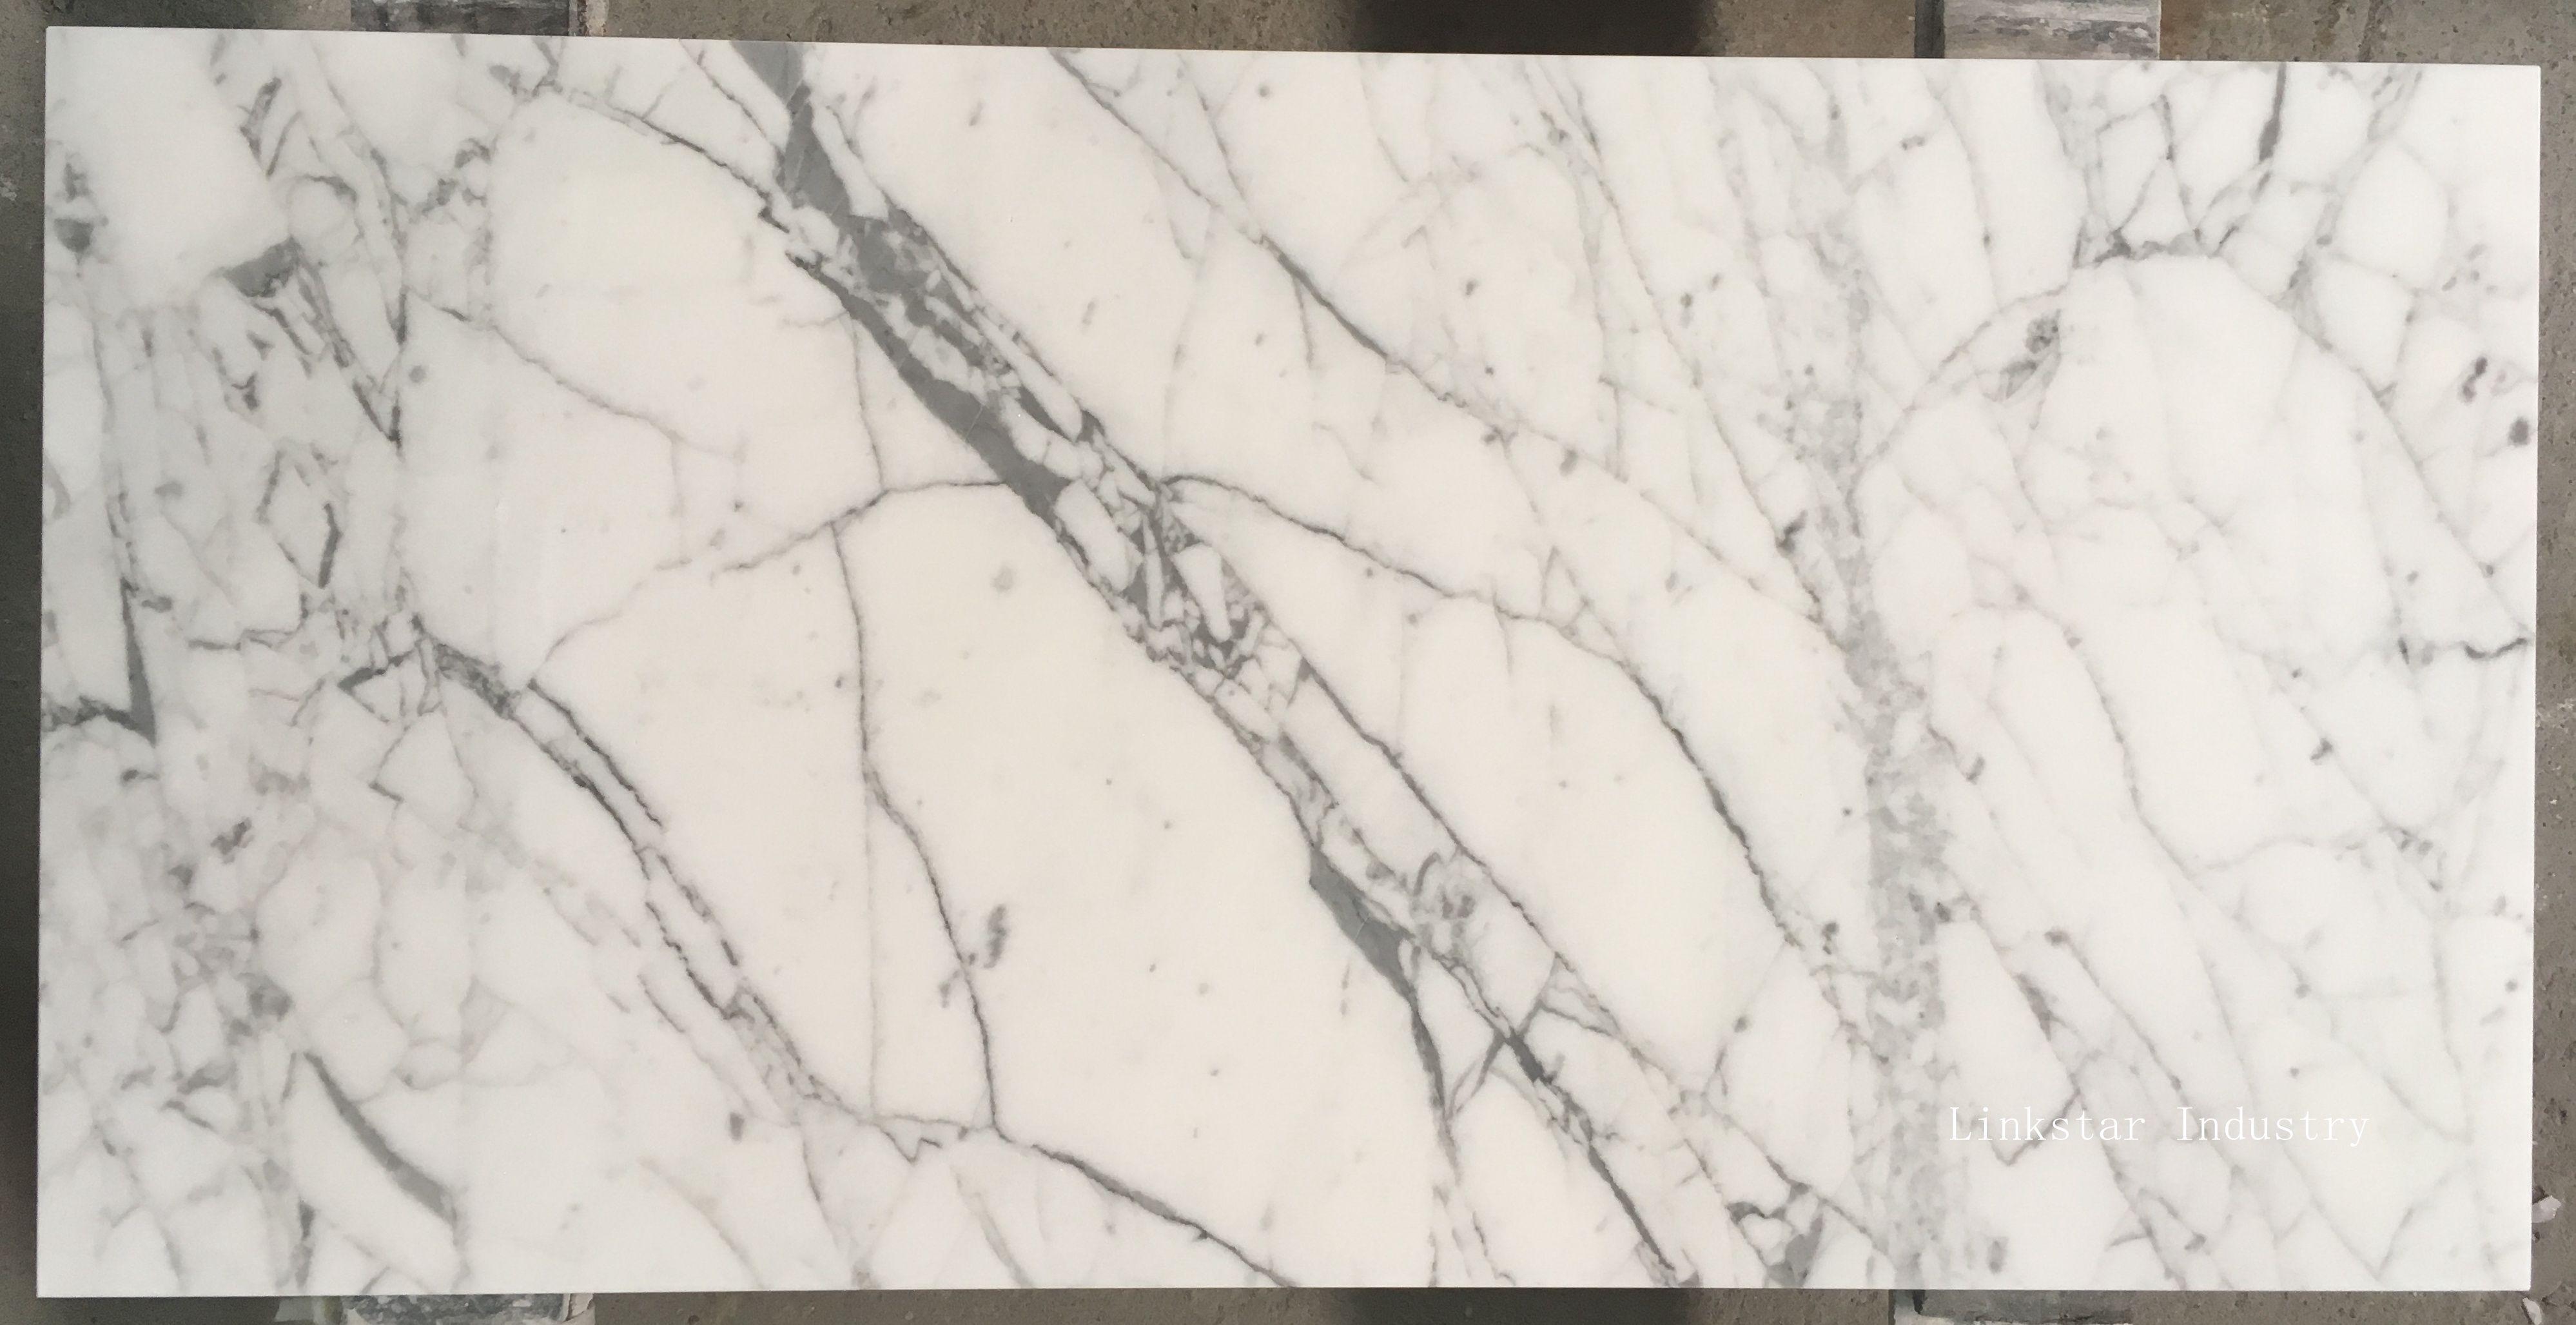 Carrara White Stone Slab Tile 24 12 Honed Marble